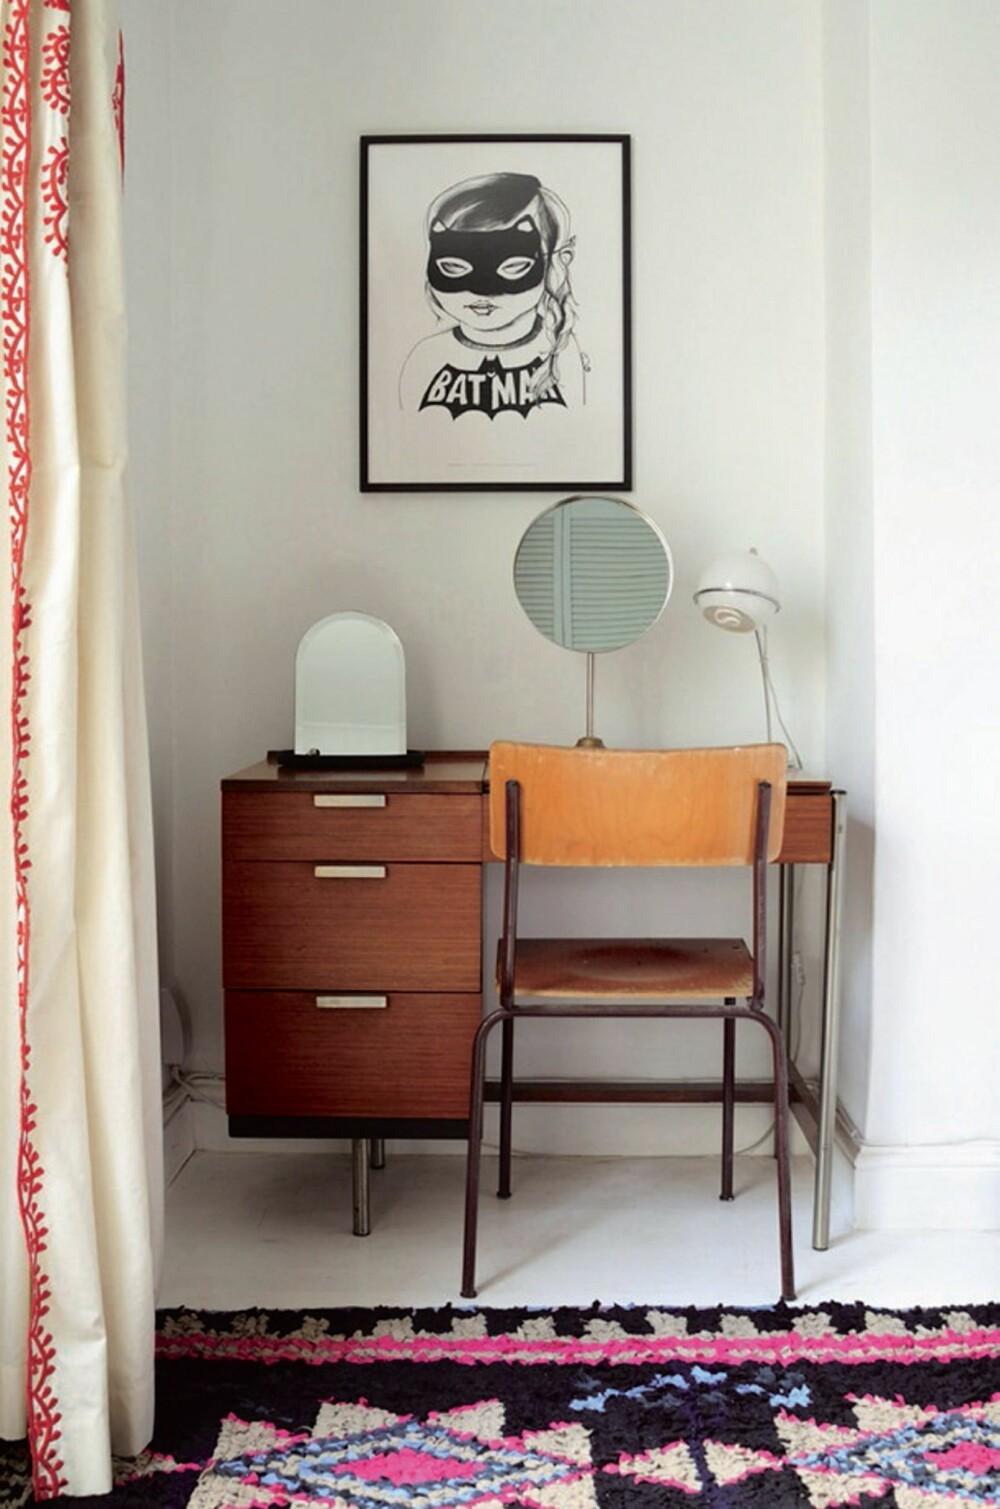 KUL KROK: Kjæresten Ellas sminkebord har fått plass i et hjørne. Teppet er designet av henne, og produseres i Marokko (therugtrade.com). Speilet er eget design, det er helt nytt.